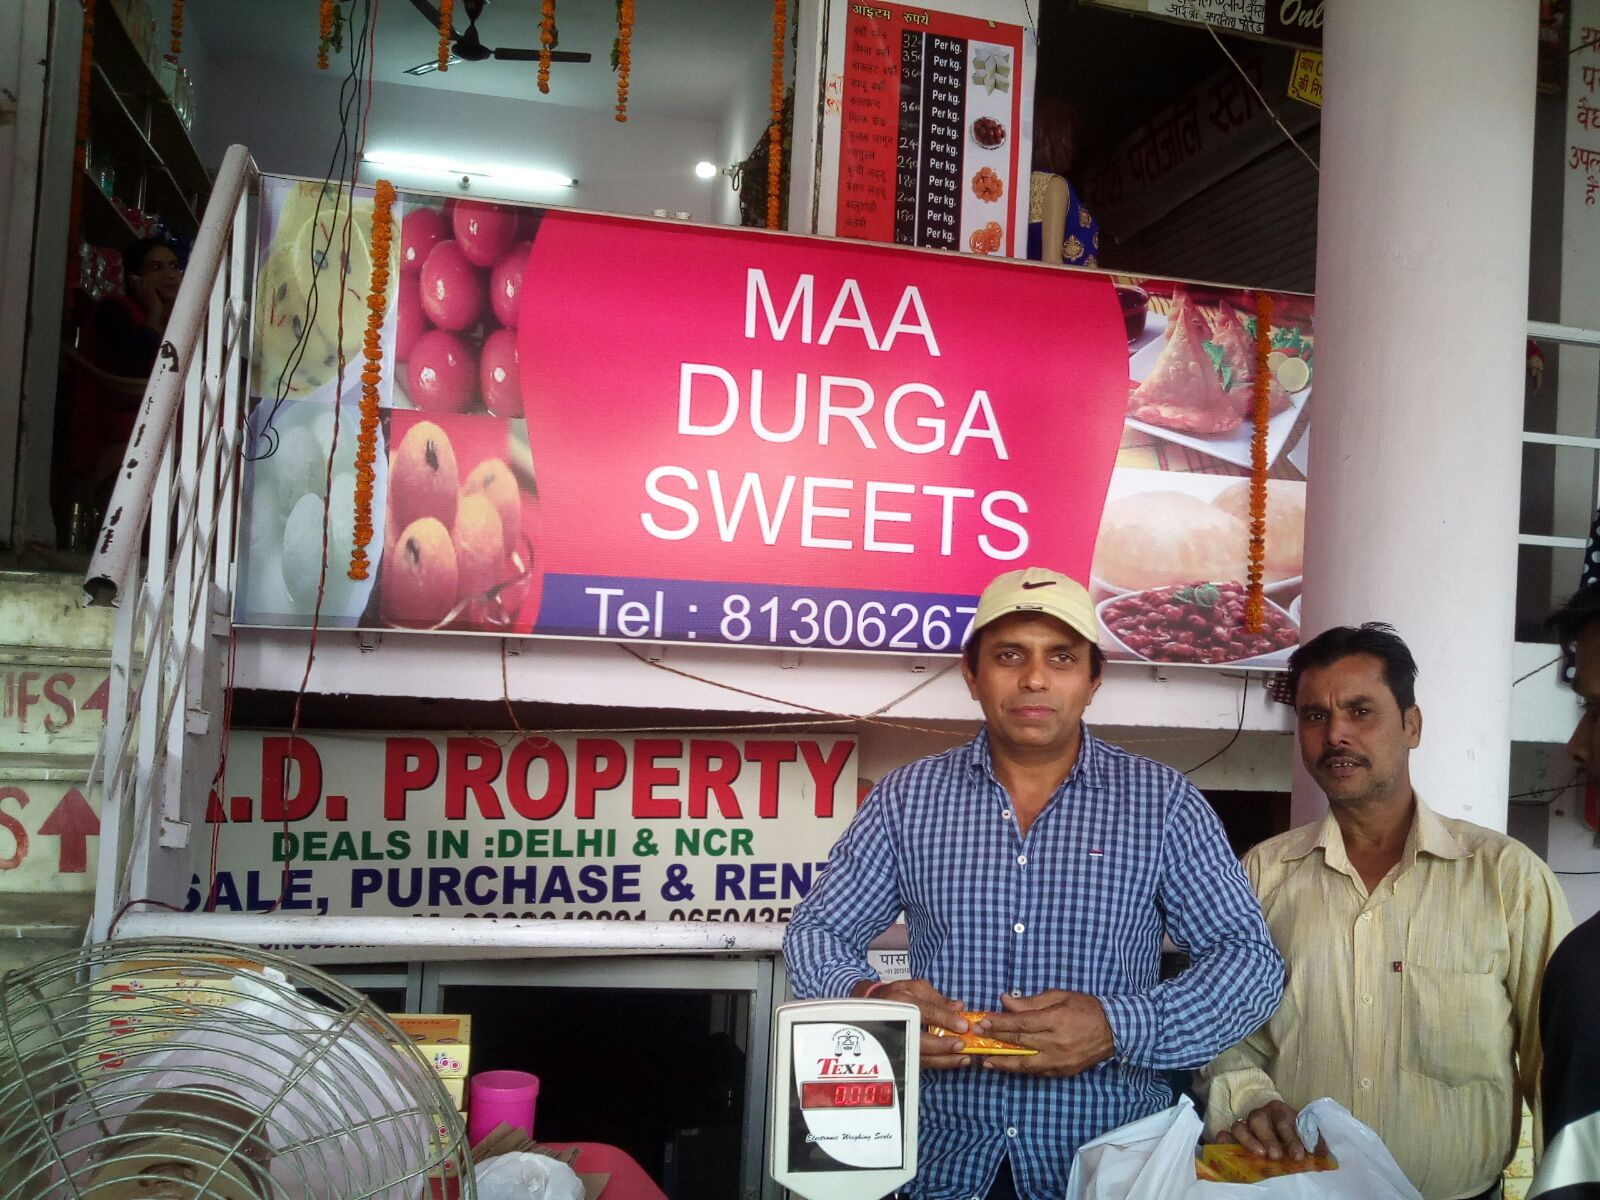 Maa Durga Sweets